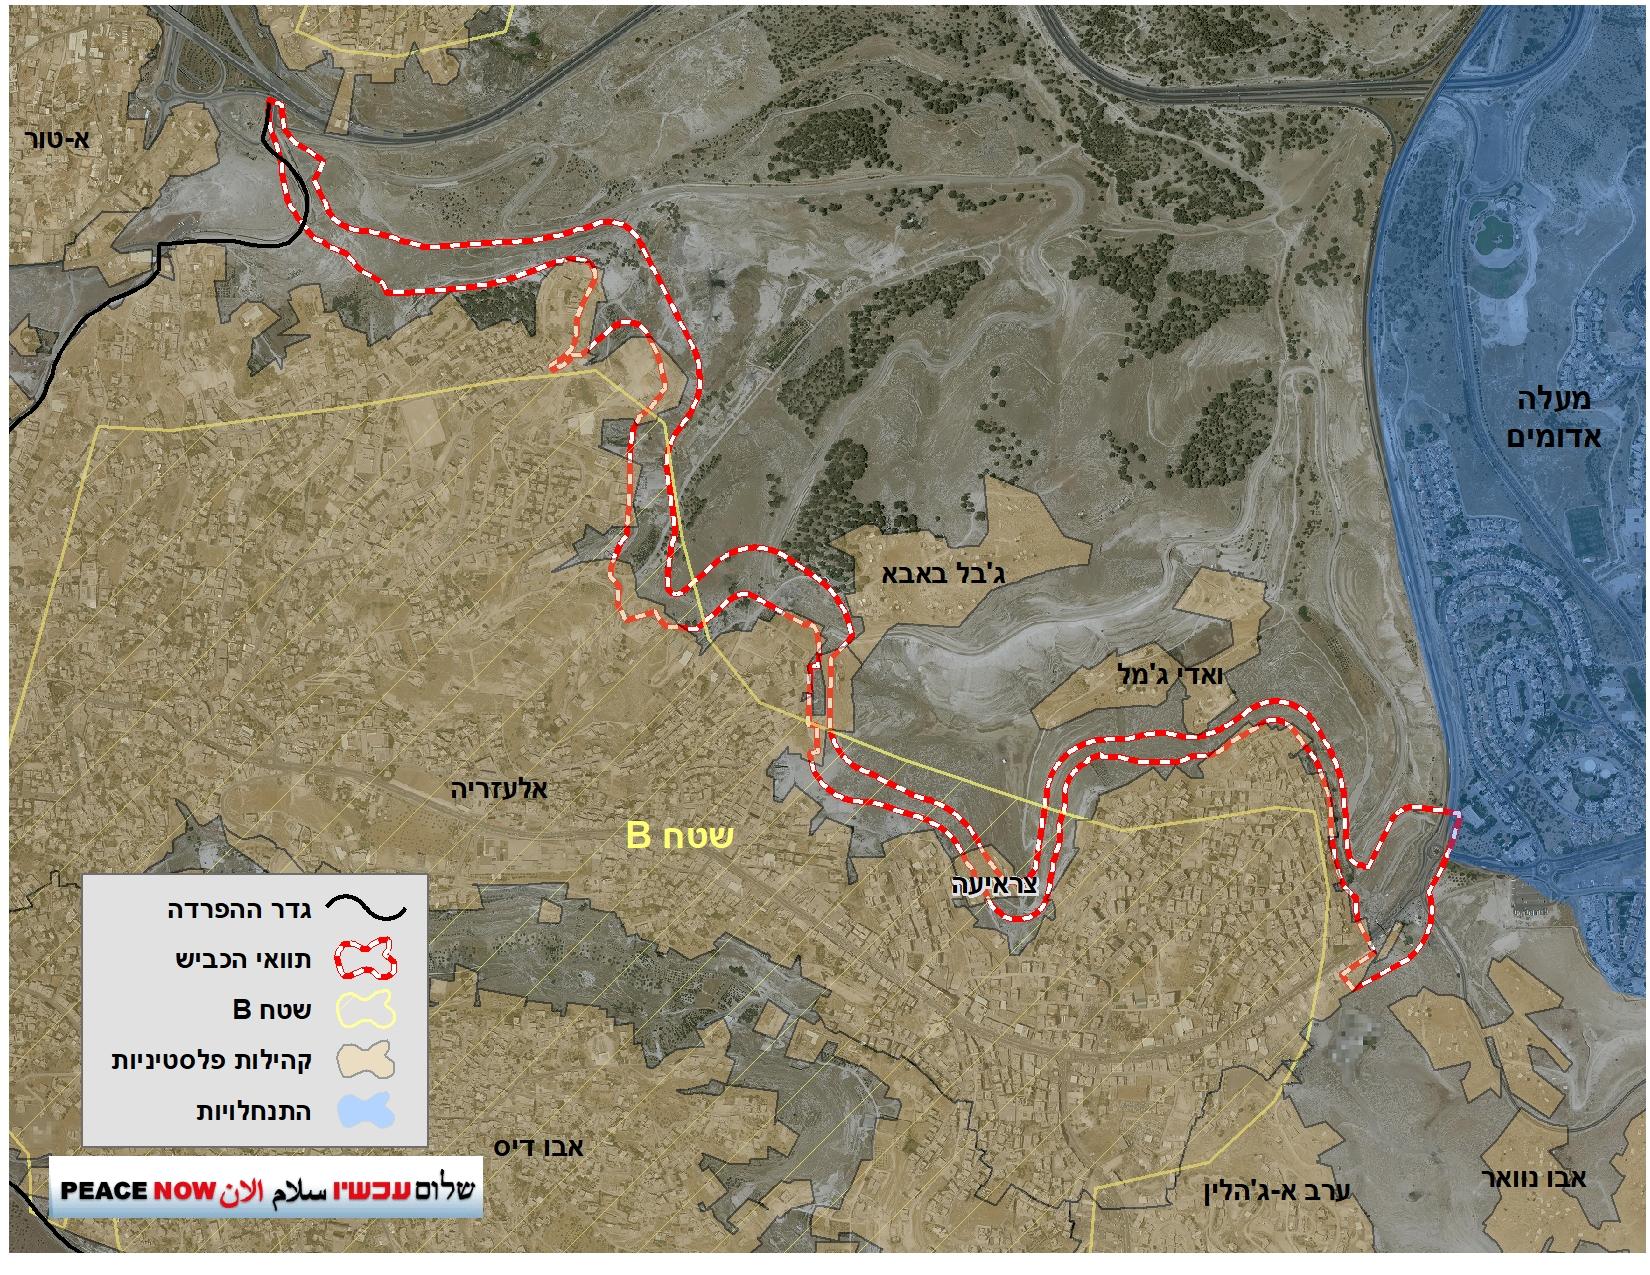 כביש הריבונות אלעזריה א-זעים מפה E1